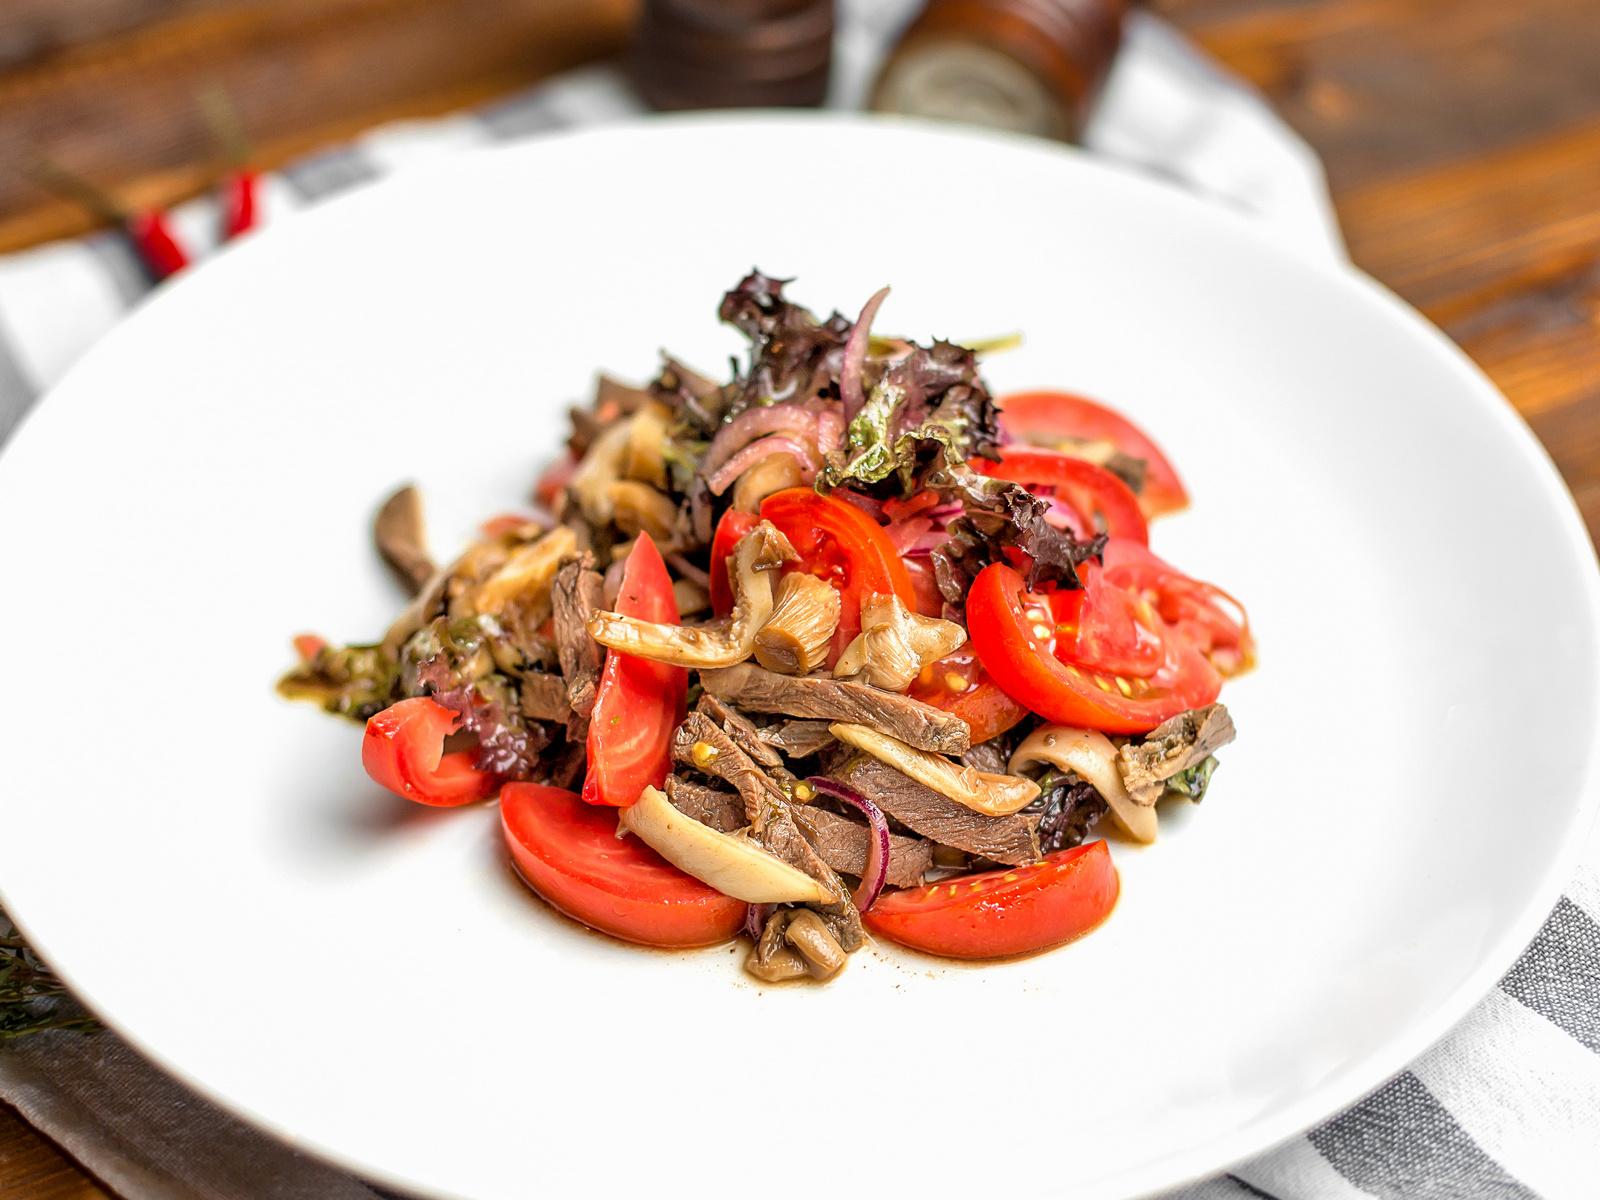 Салат с телятиной в бальзамическом соусе